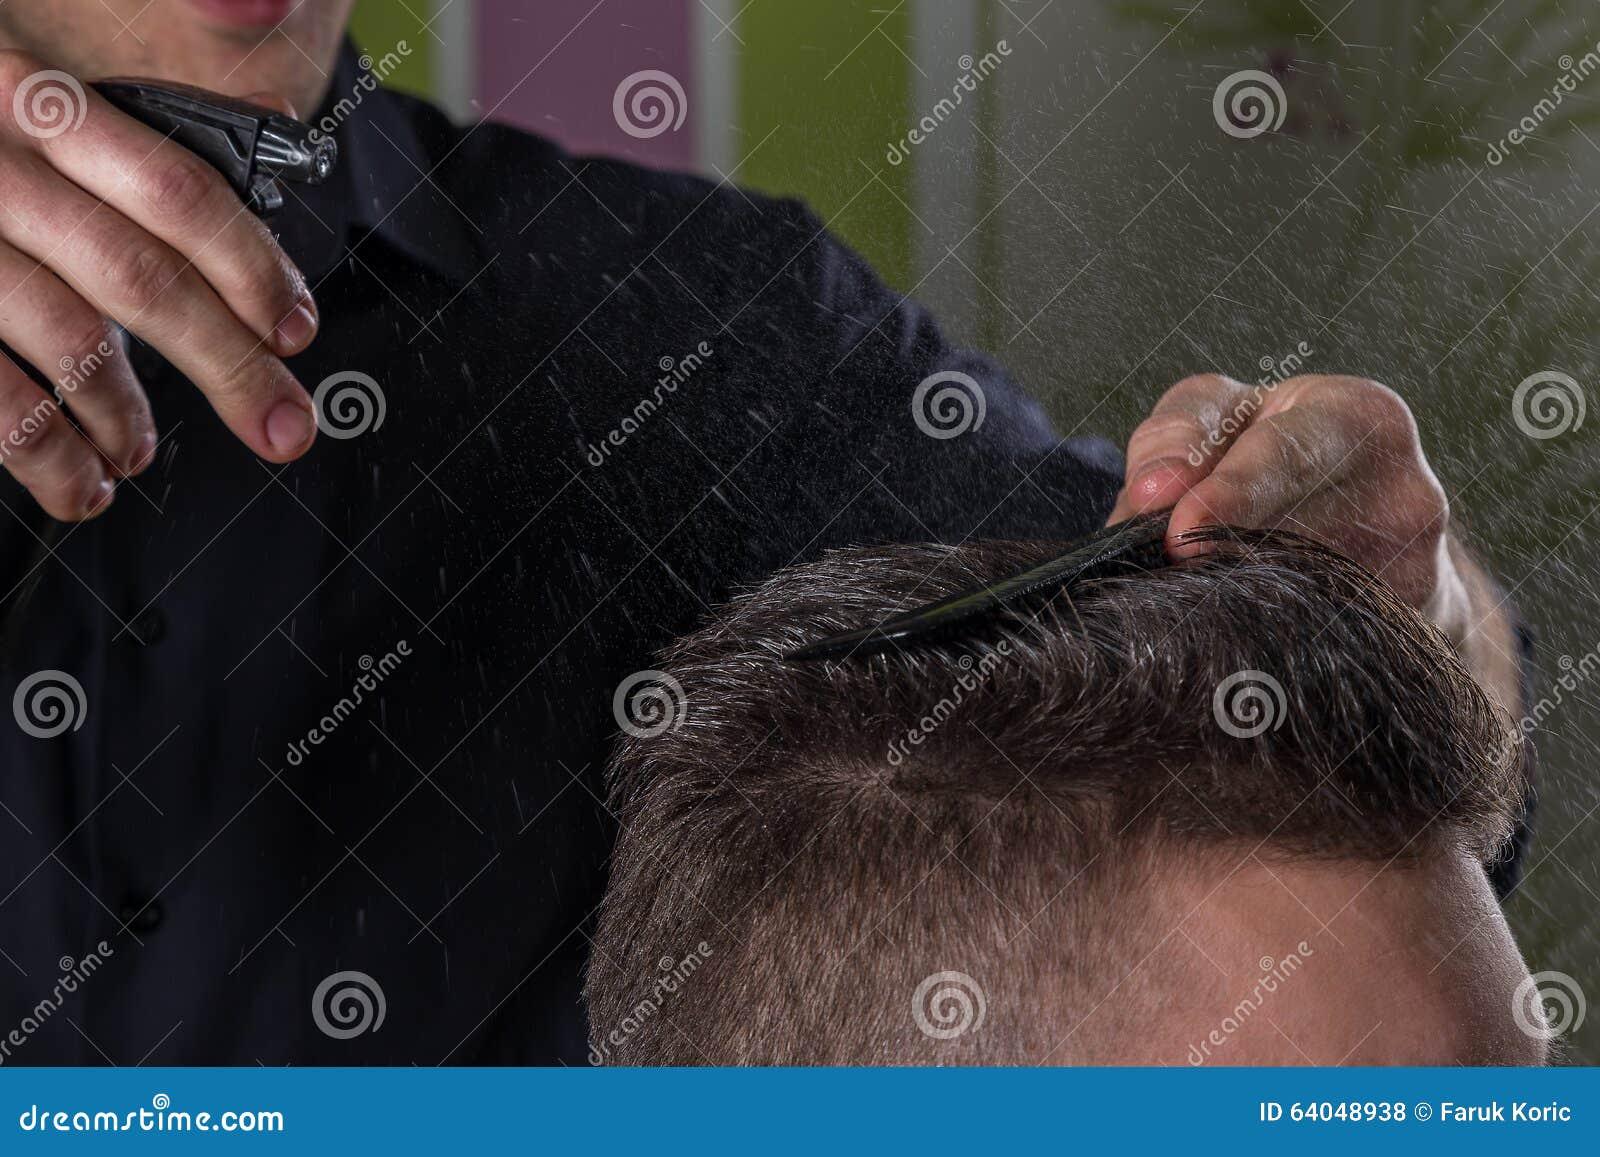 Ο κομμωτής κάνει την τρίχα με το νερό και τη χτένα του πελάτη στο επαγγελματικό hairdressing σαλόνι